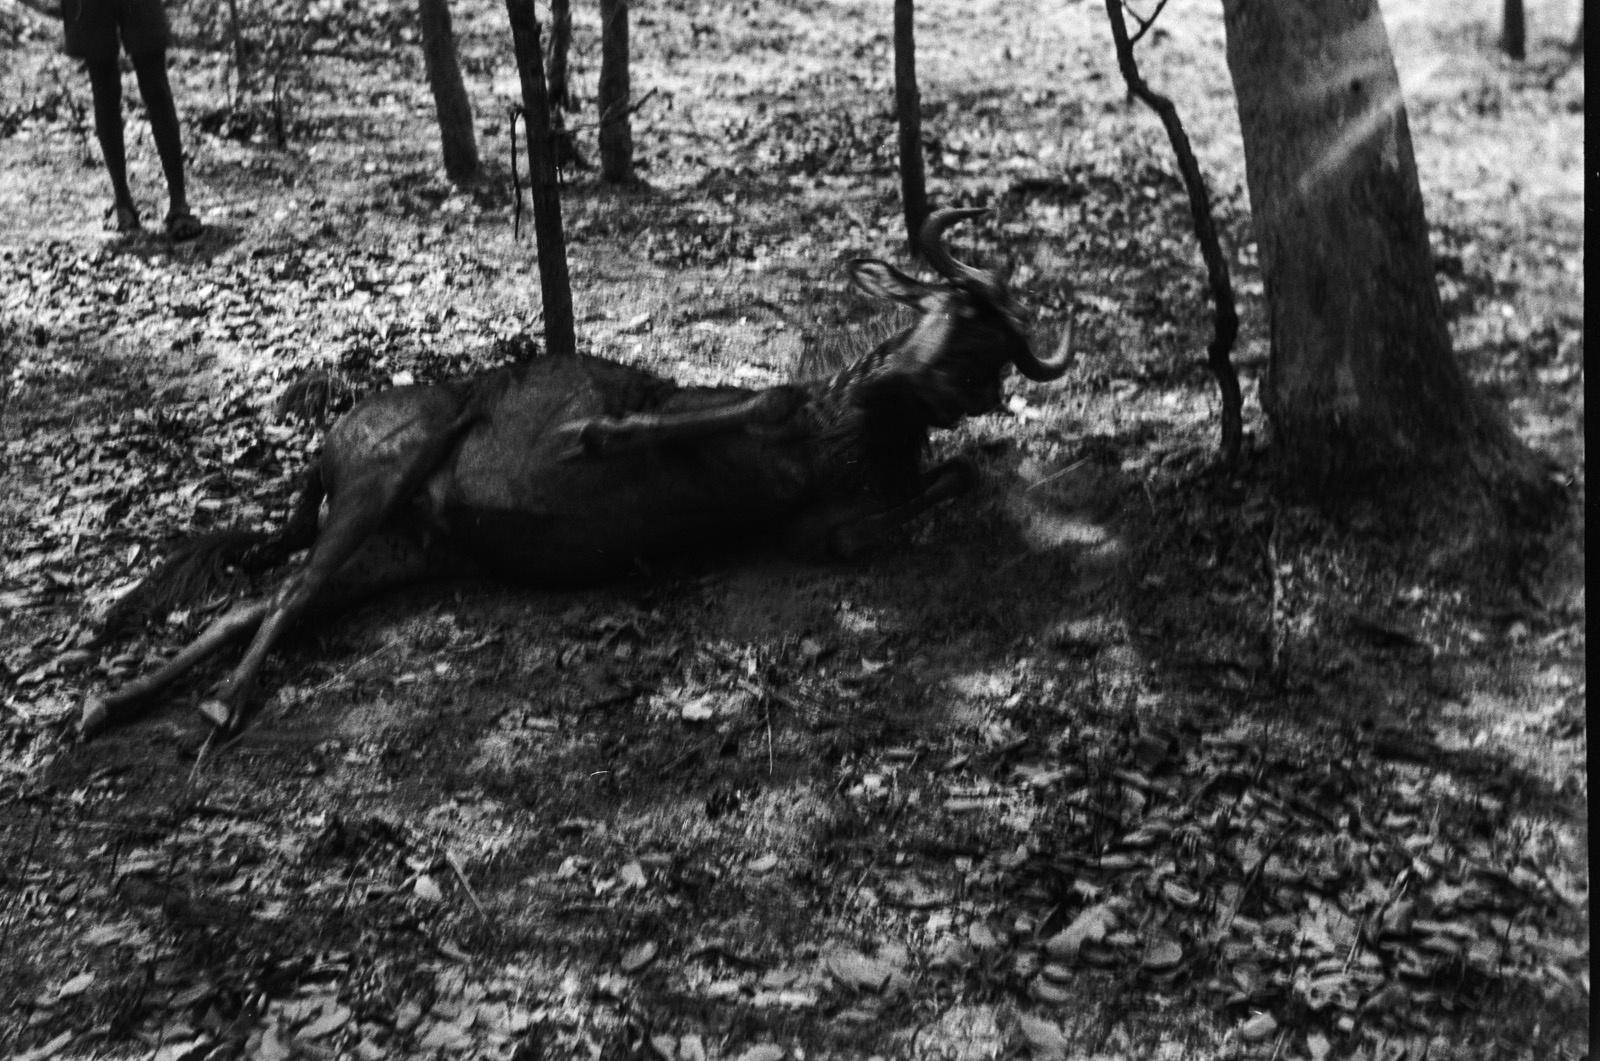 Касемпа. Убитая антилопа гну